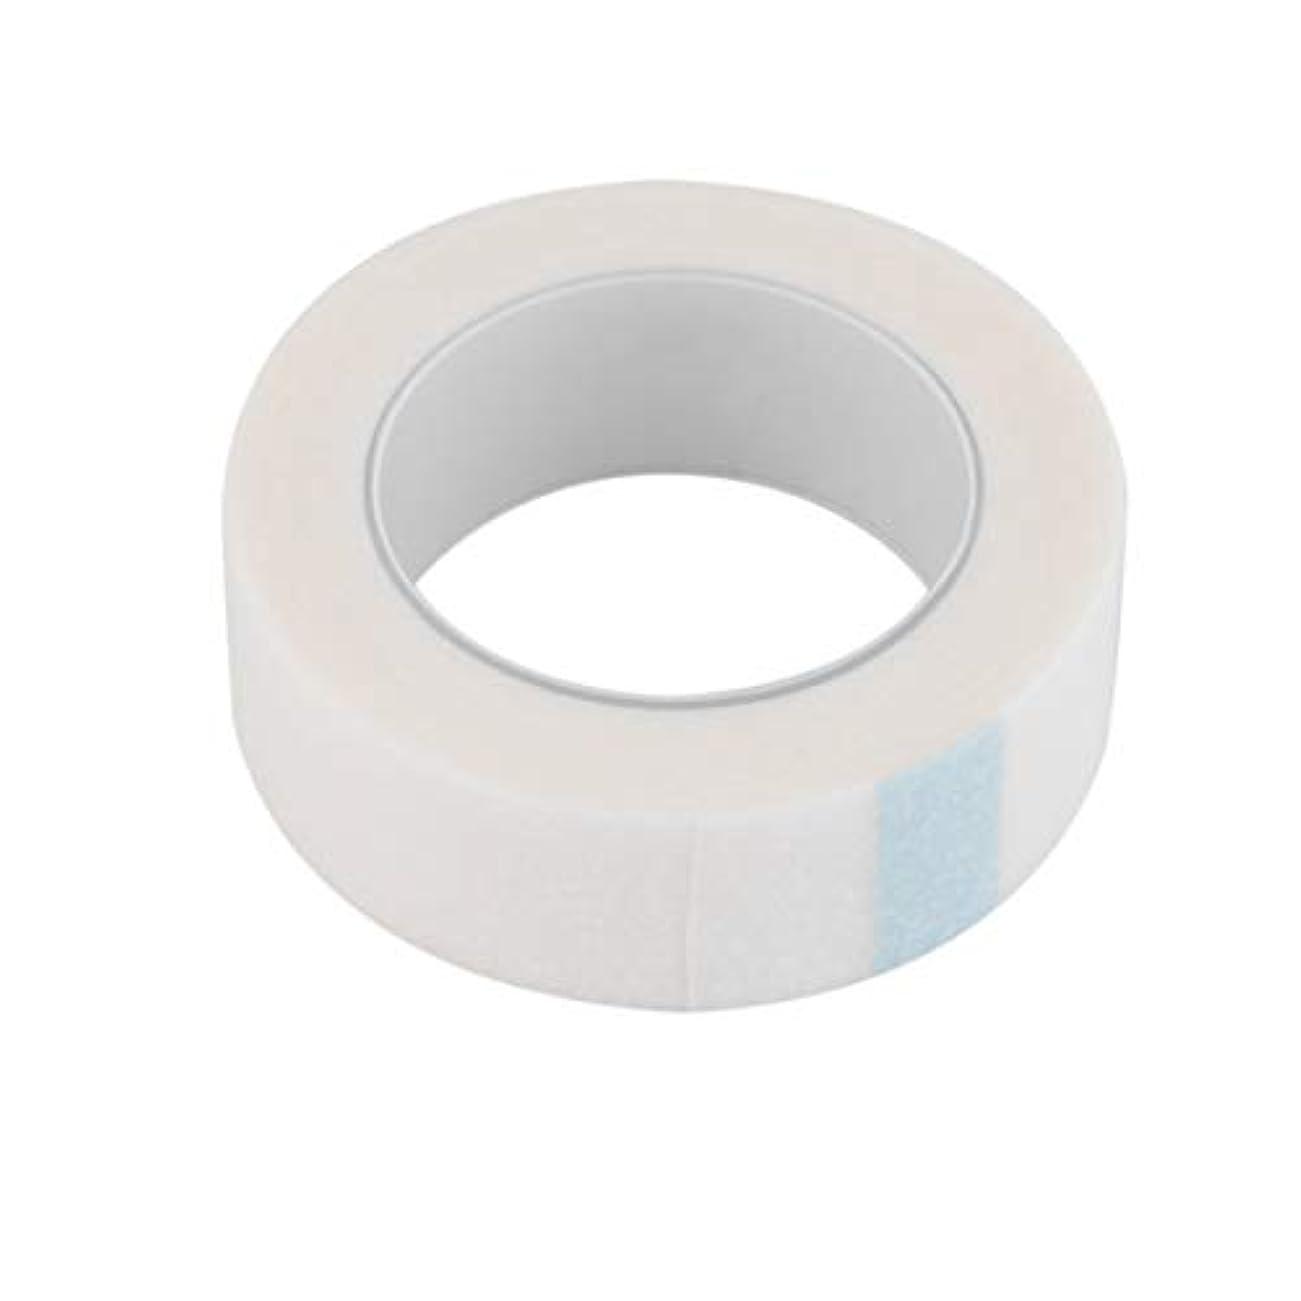 知り合いになるパン屋日没Intercorey 1ロール個々のまつげエクステンションツール供給医療テープ医療まつげエクステンションミクロ孔紙化粧